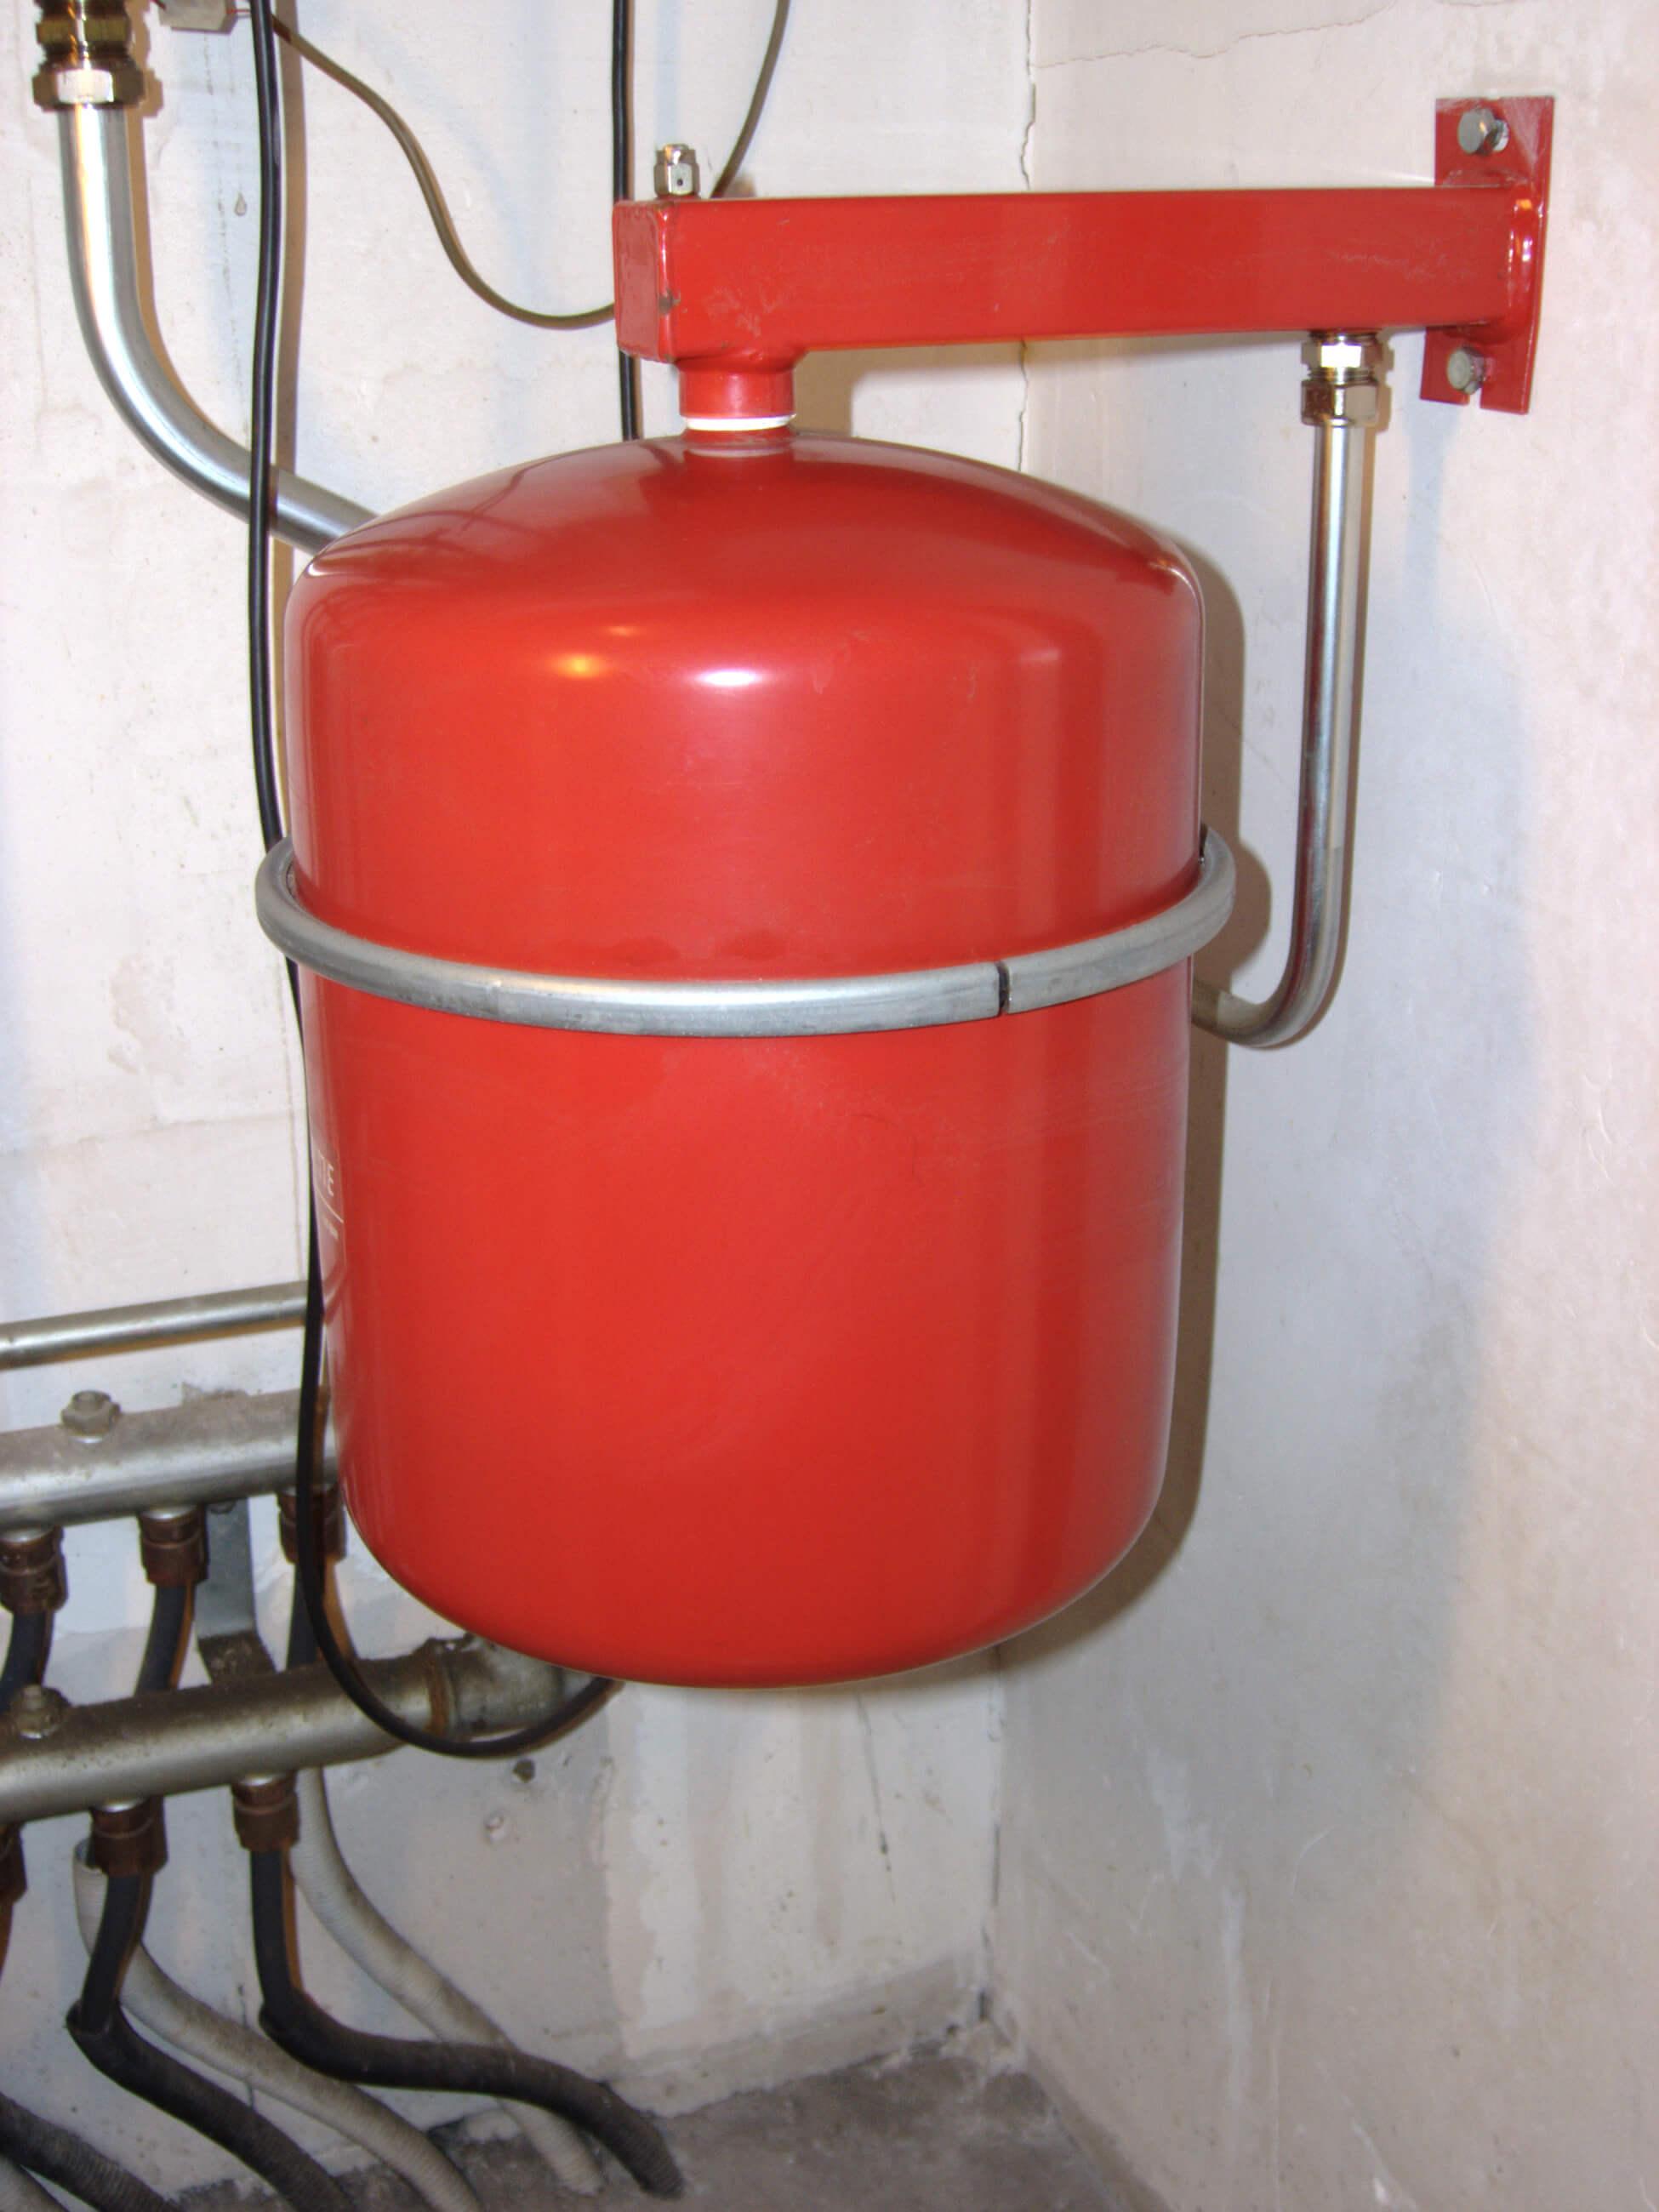 Super Cv-ketel storing - Eerste hulp bij storing | Warmgarant RT17